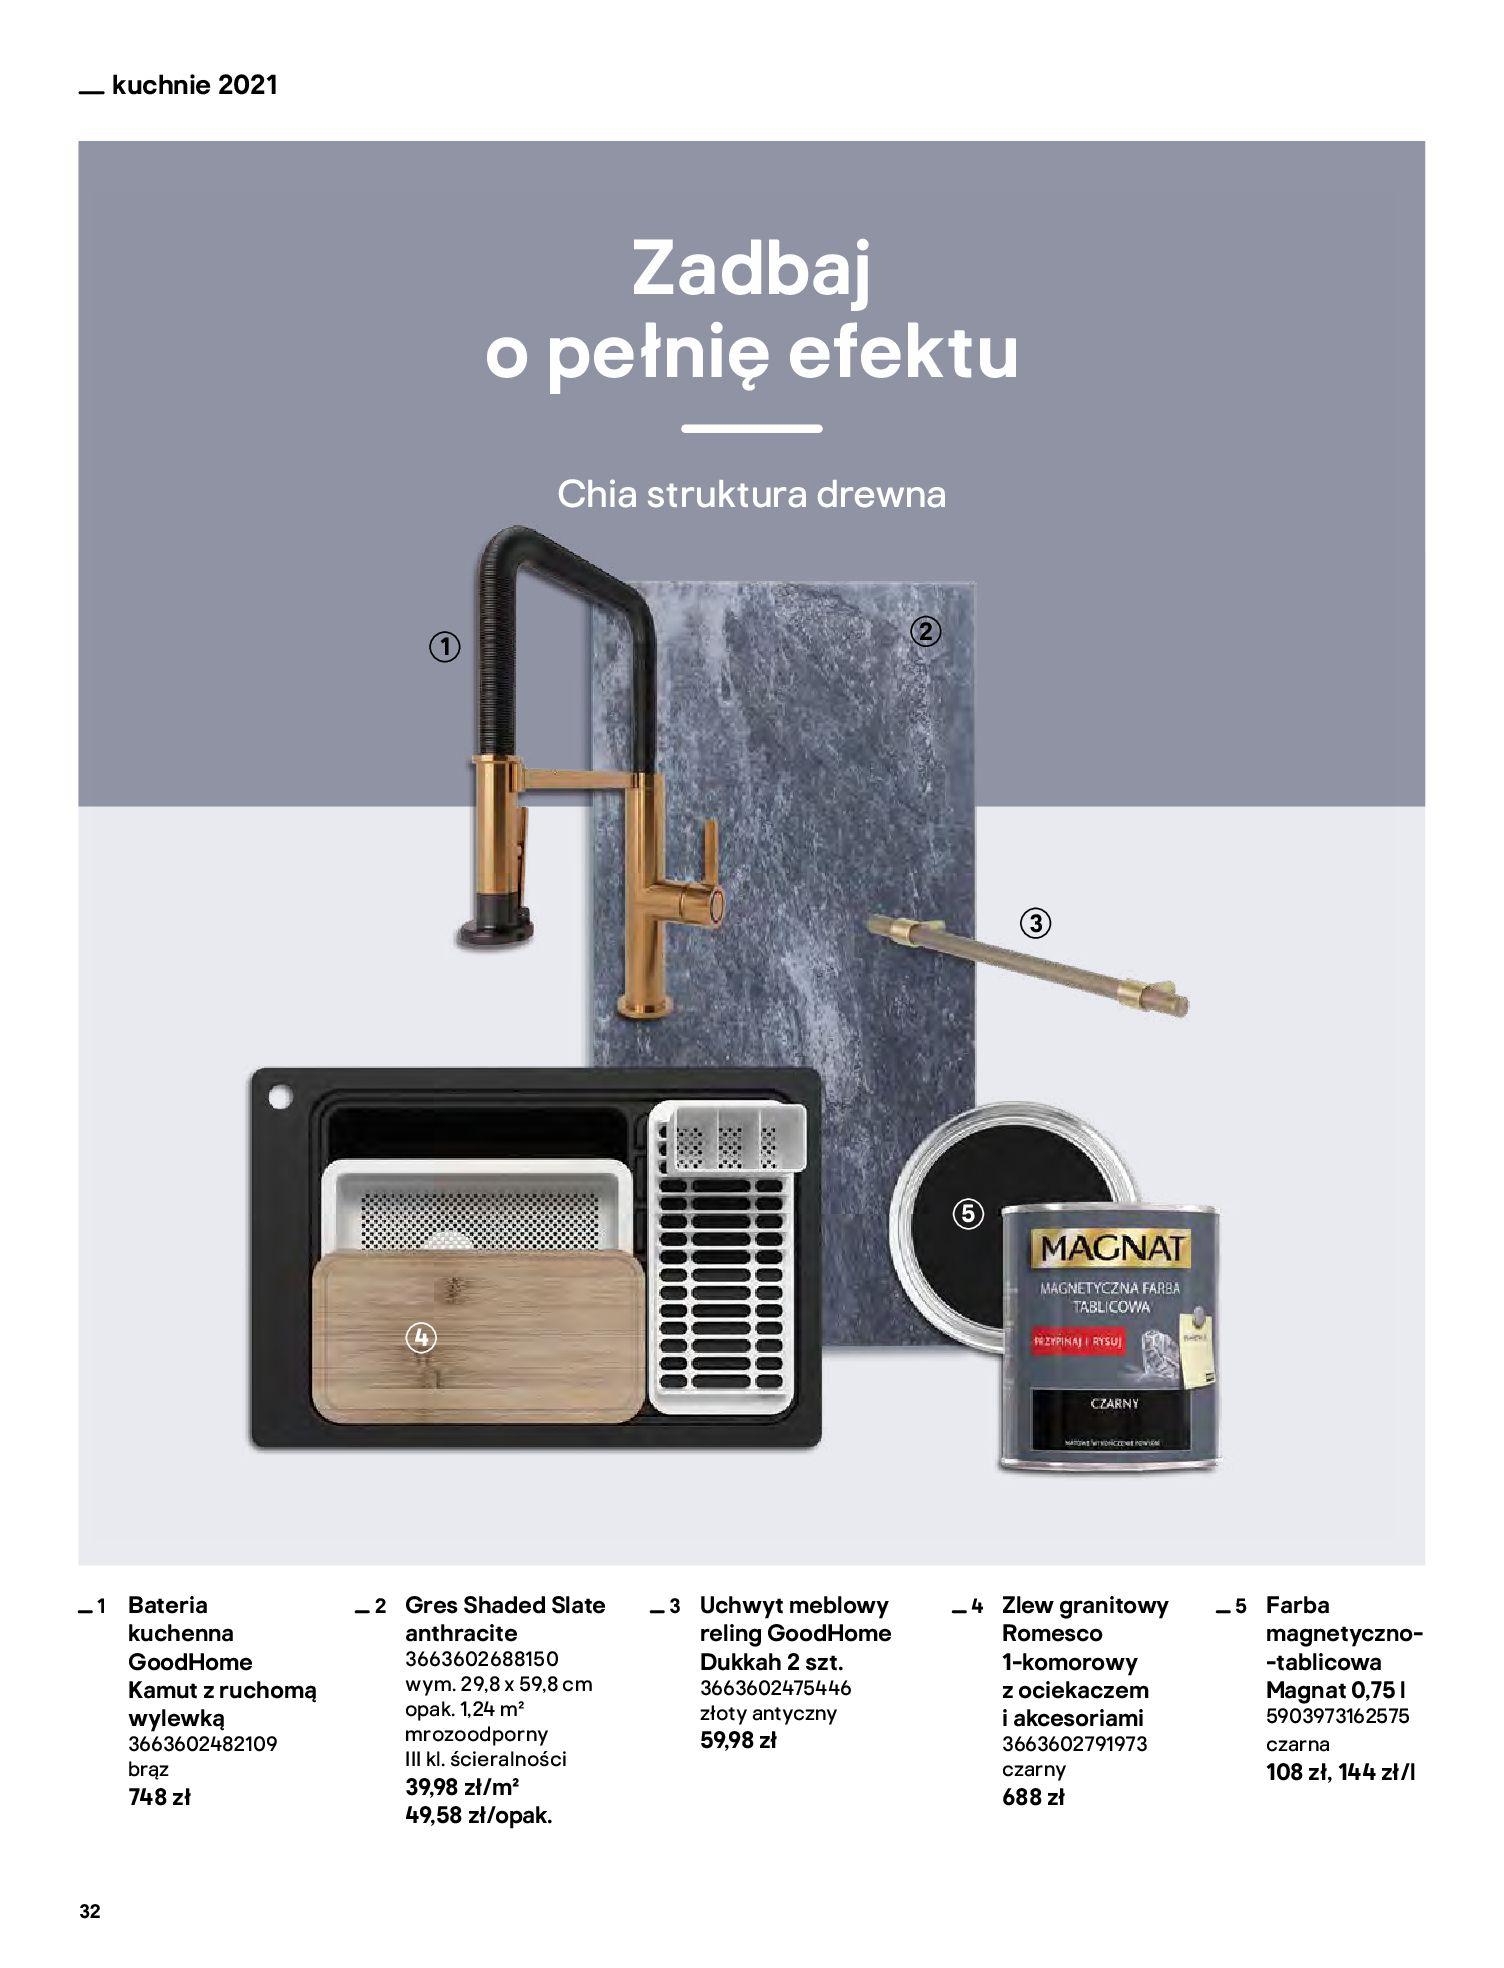 Gazetka Castorama: Katalog kuchnie 2021 2021-05-04 page-32